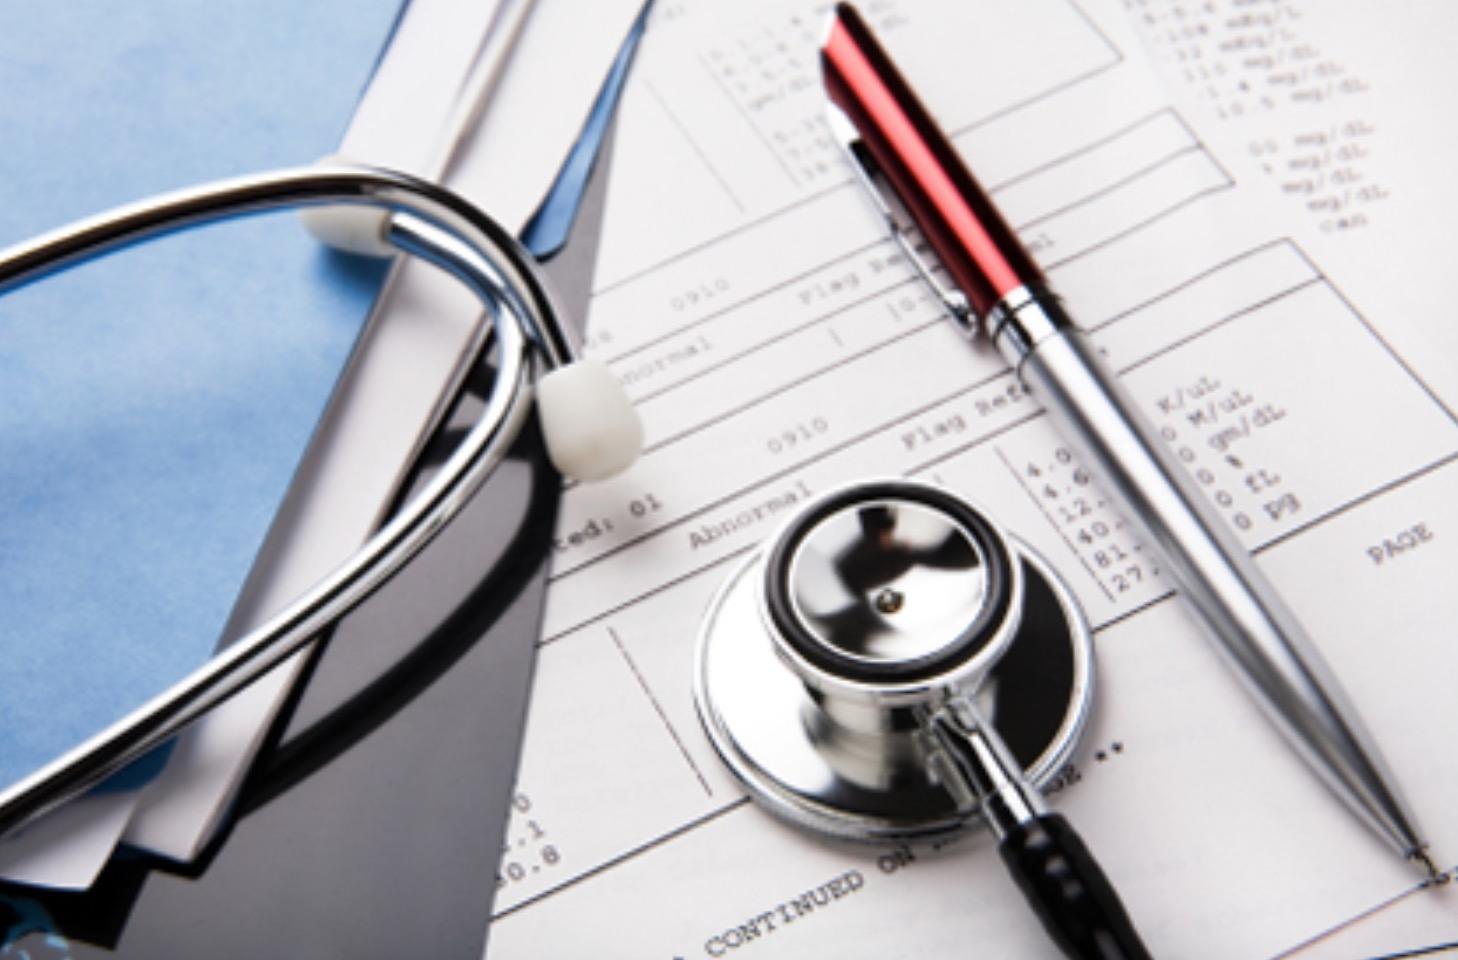 Modificări importante la concediile medicale! Toți angajații din România sunt vizați